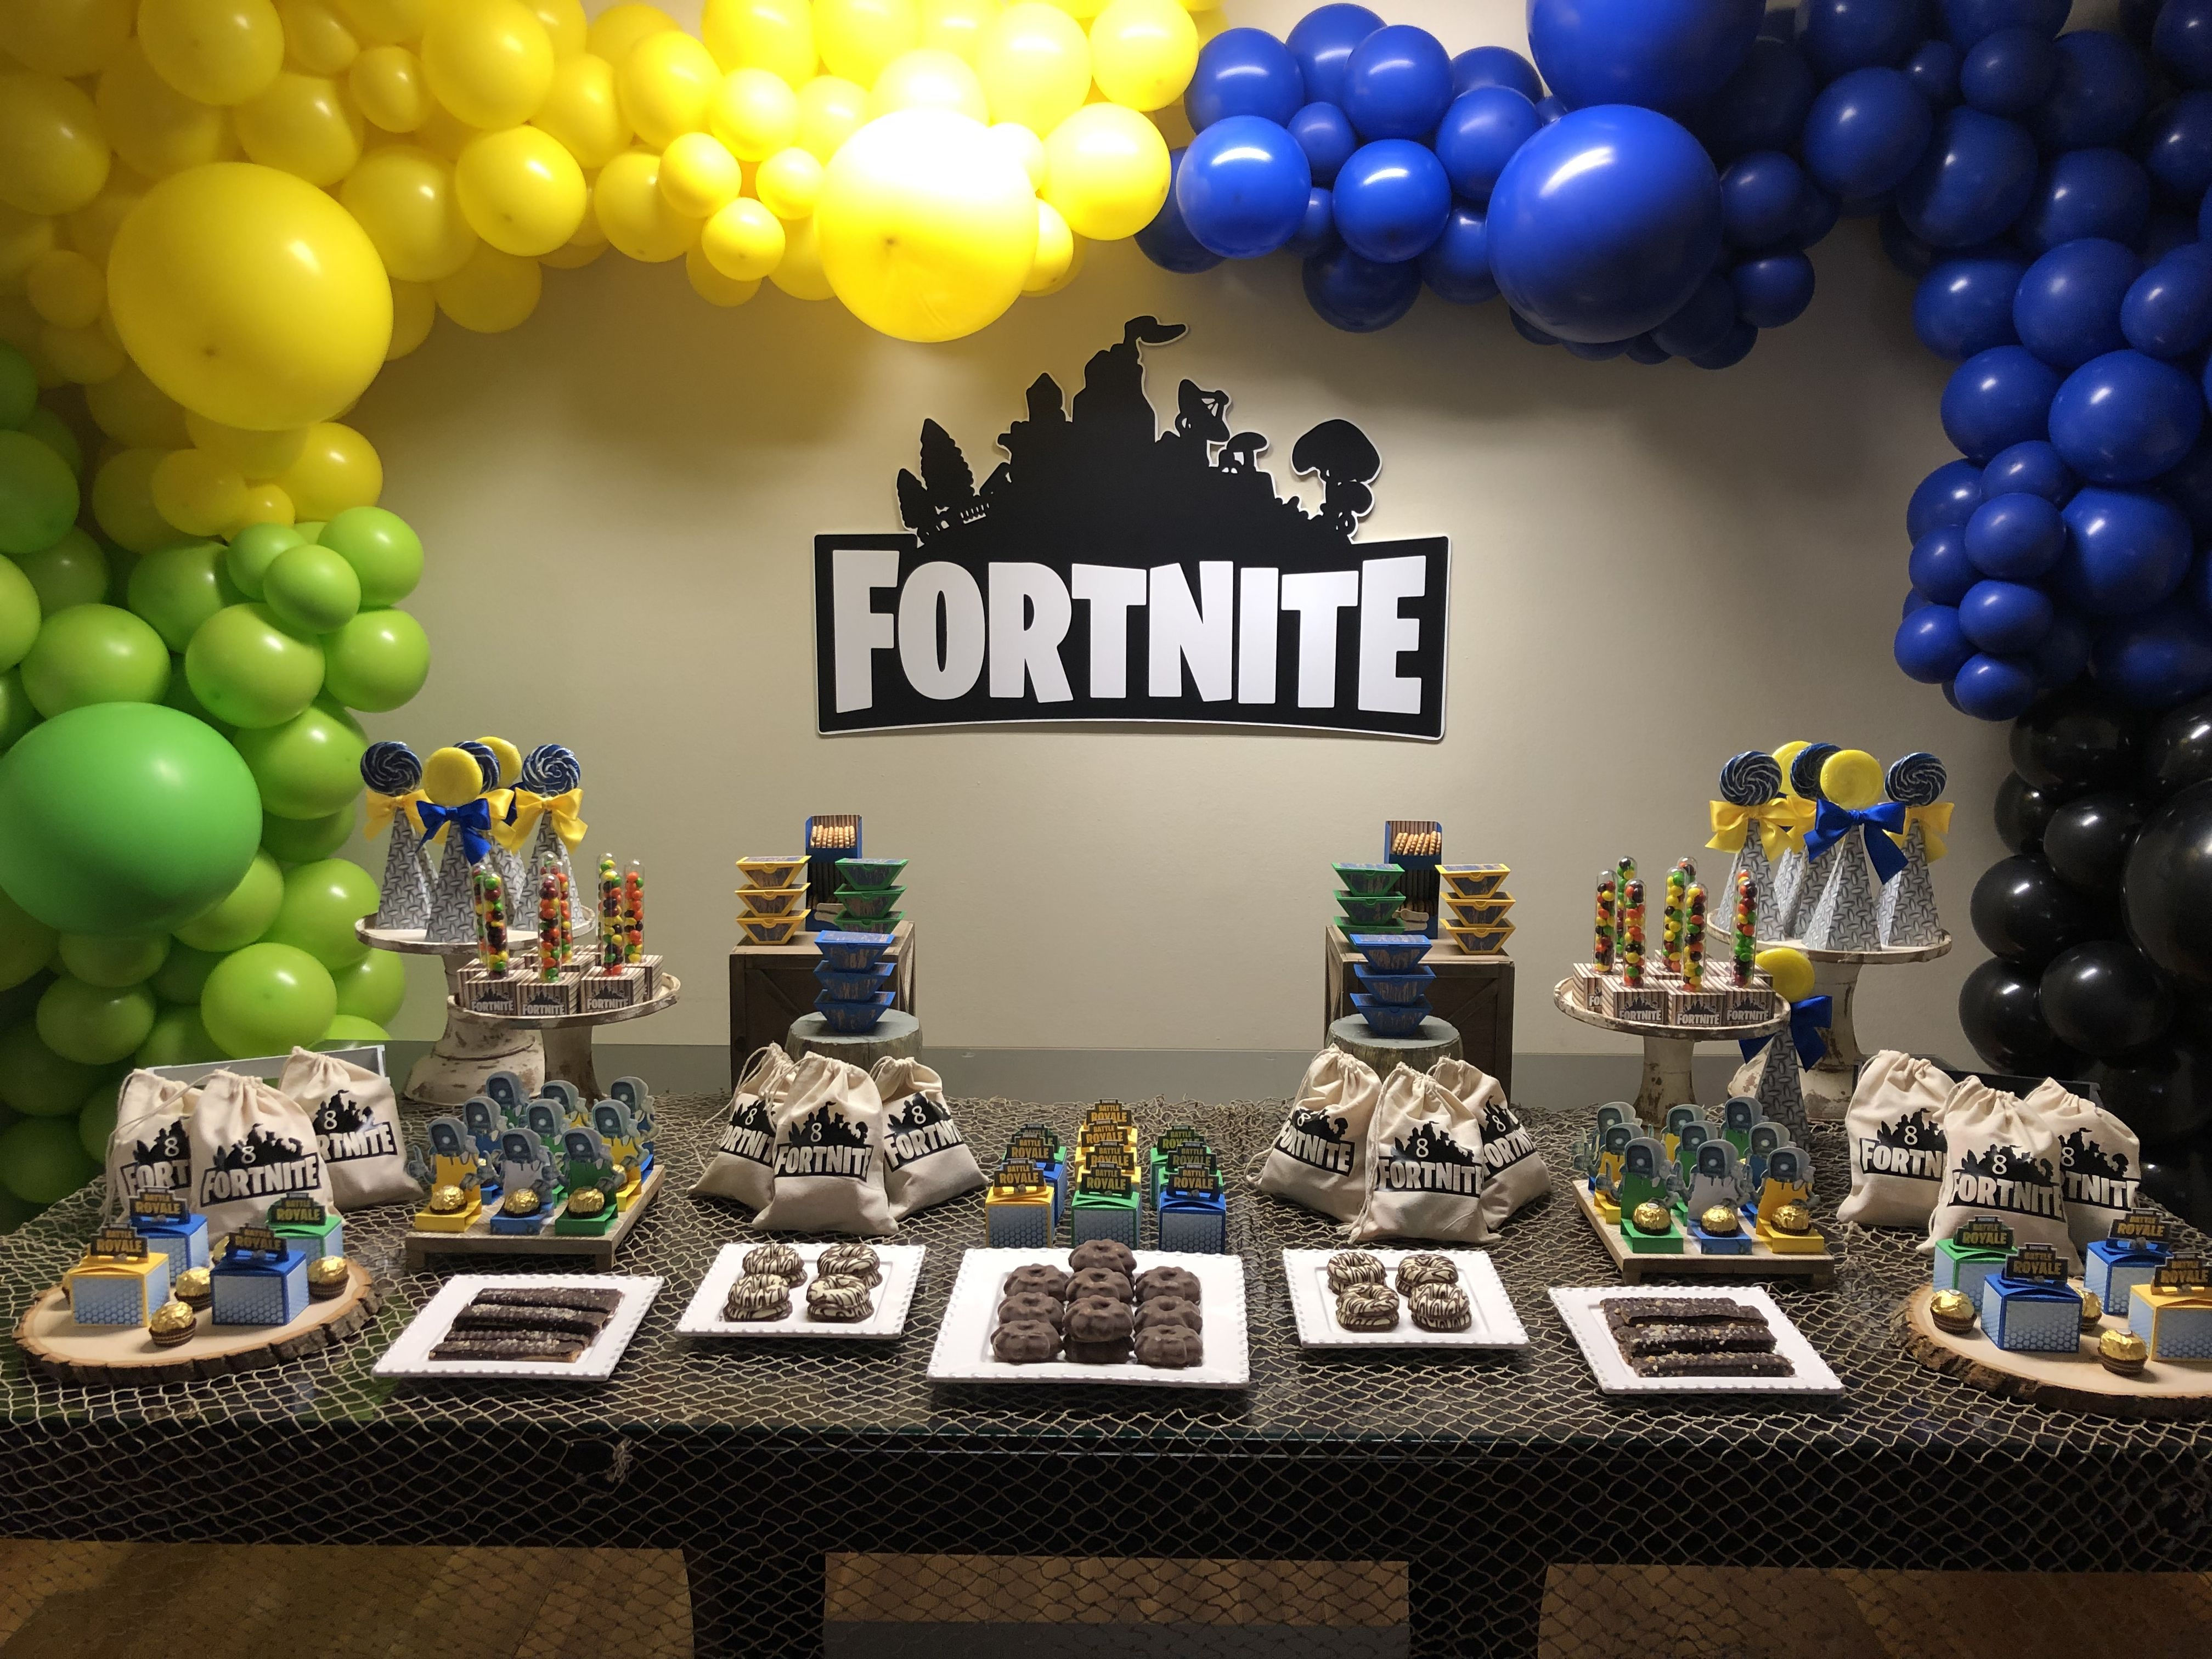 Fortnite Decoración Fiesta De Cumpleaños Para Niños Fiesta De Videojuegos Fiesta De Los 60